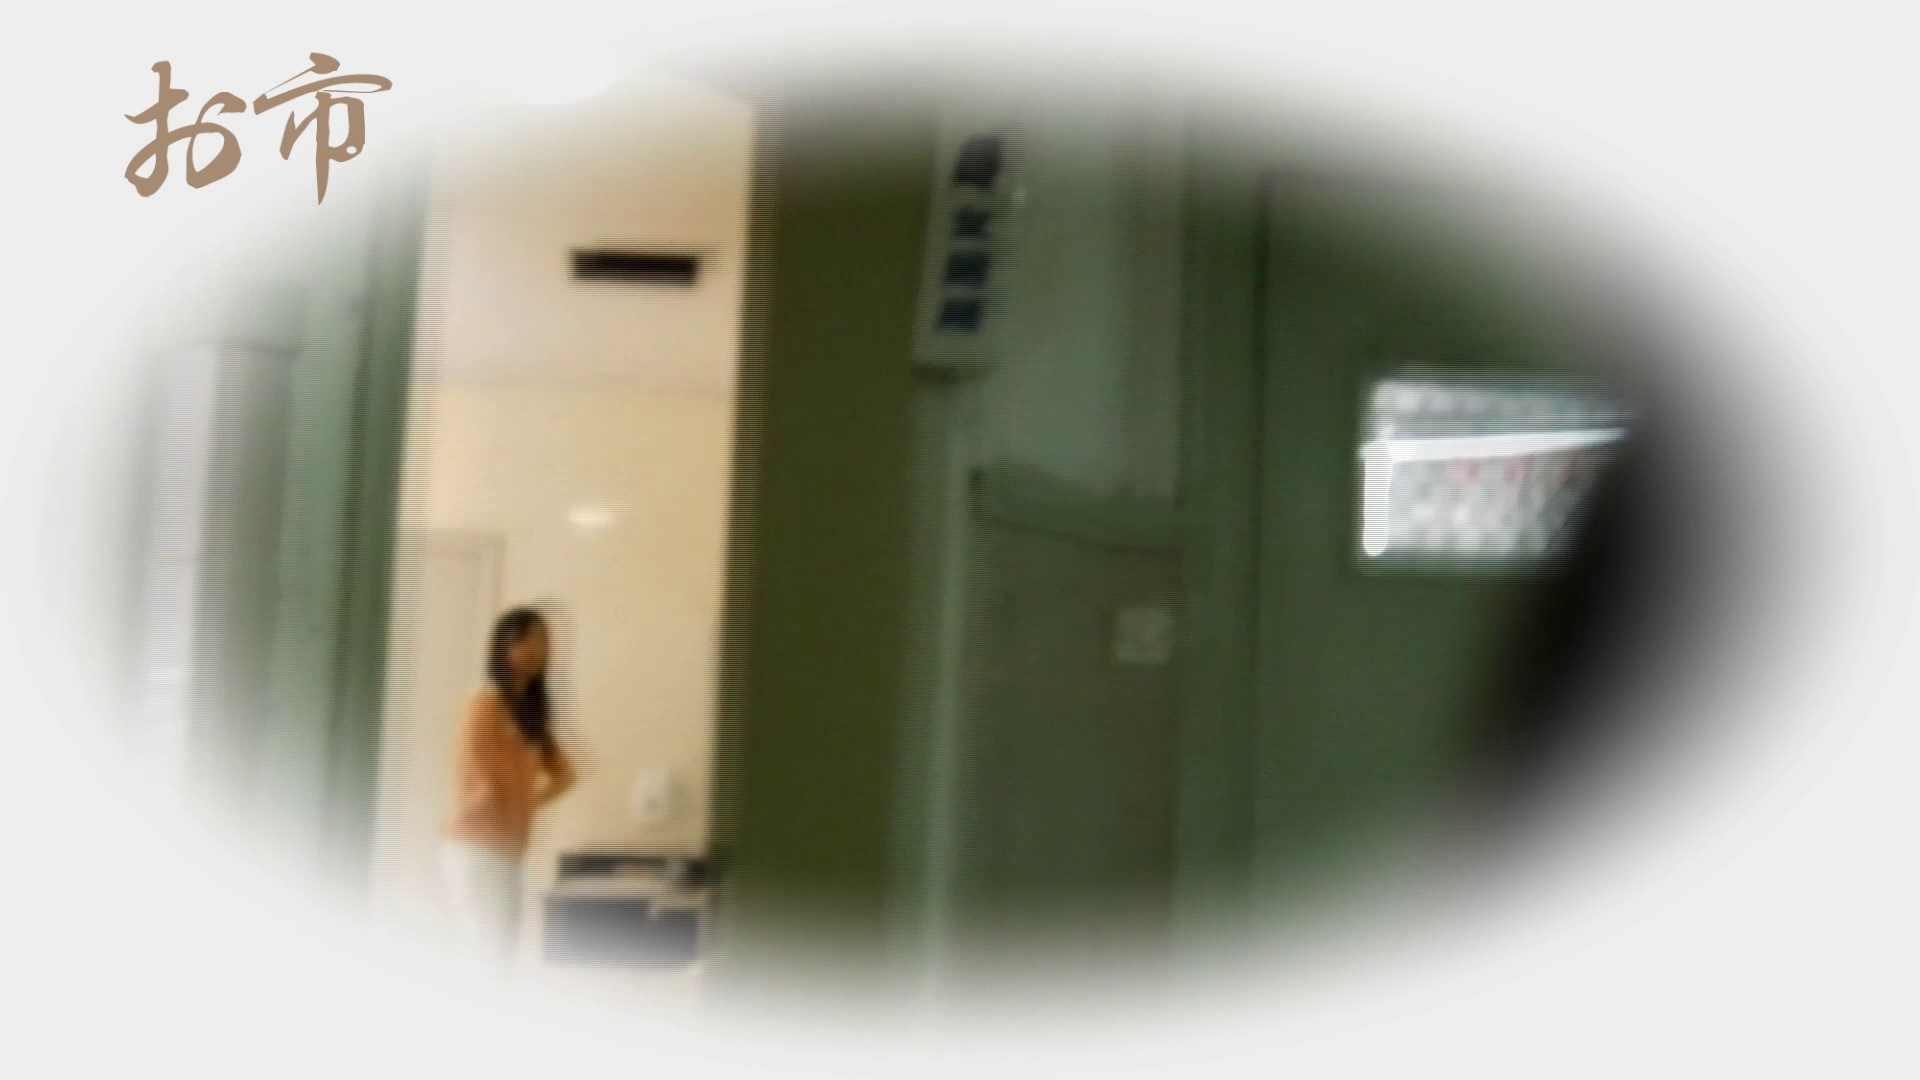 潜入!!台湾名門女学院 Vol.12 長身モデル驚き見たことないシチュエーション 美女 | ギャル達  80枚 1